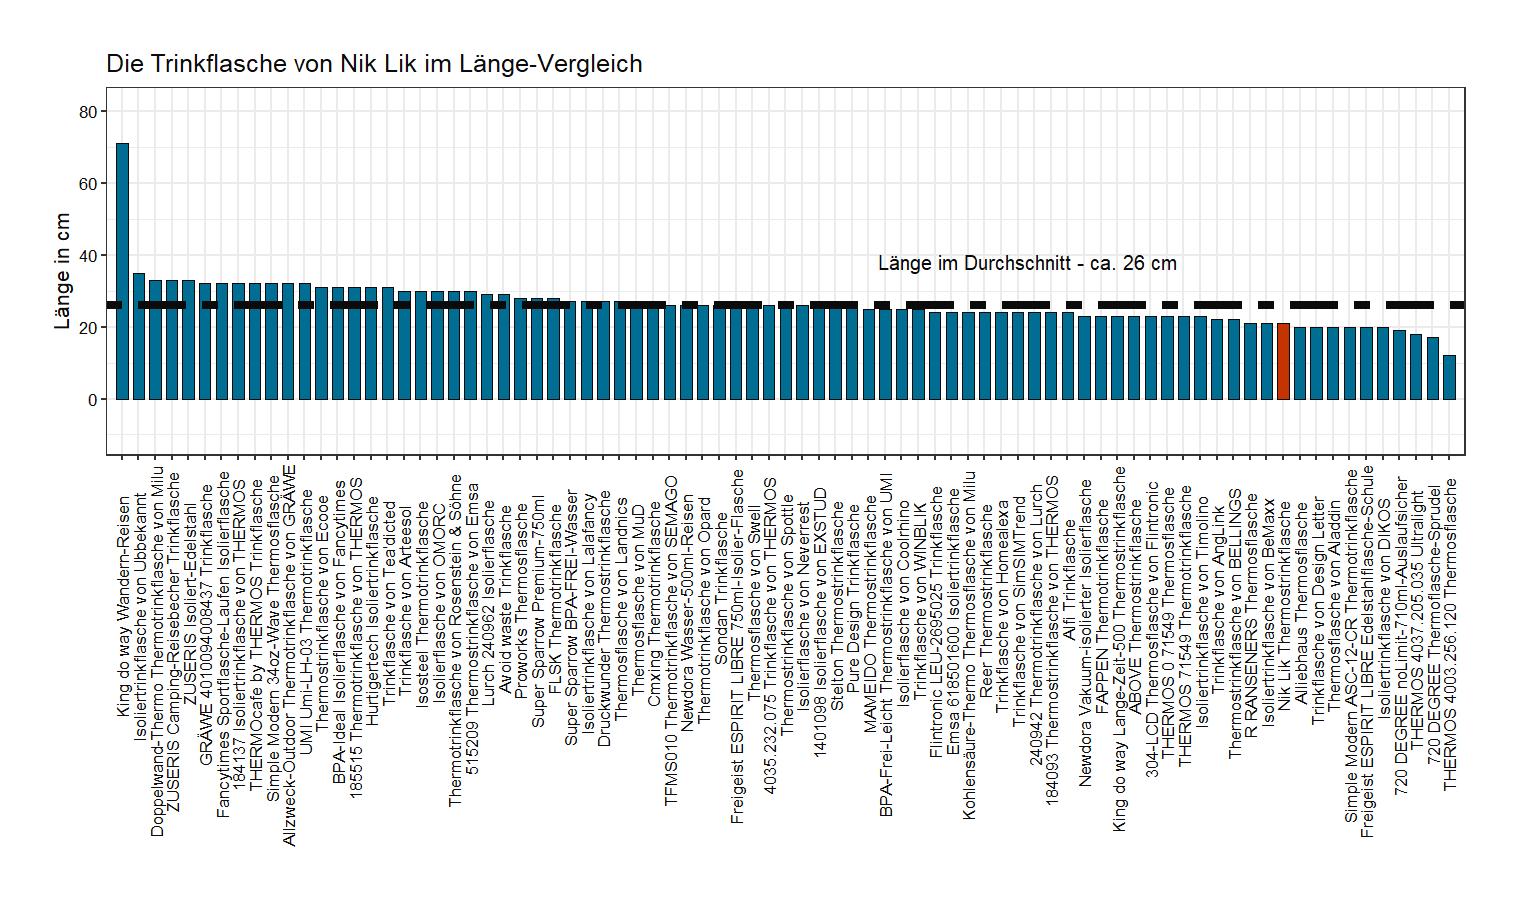 Länge-Vergleich von der Nik Lik Trinkflasche